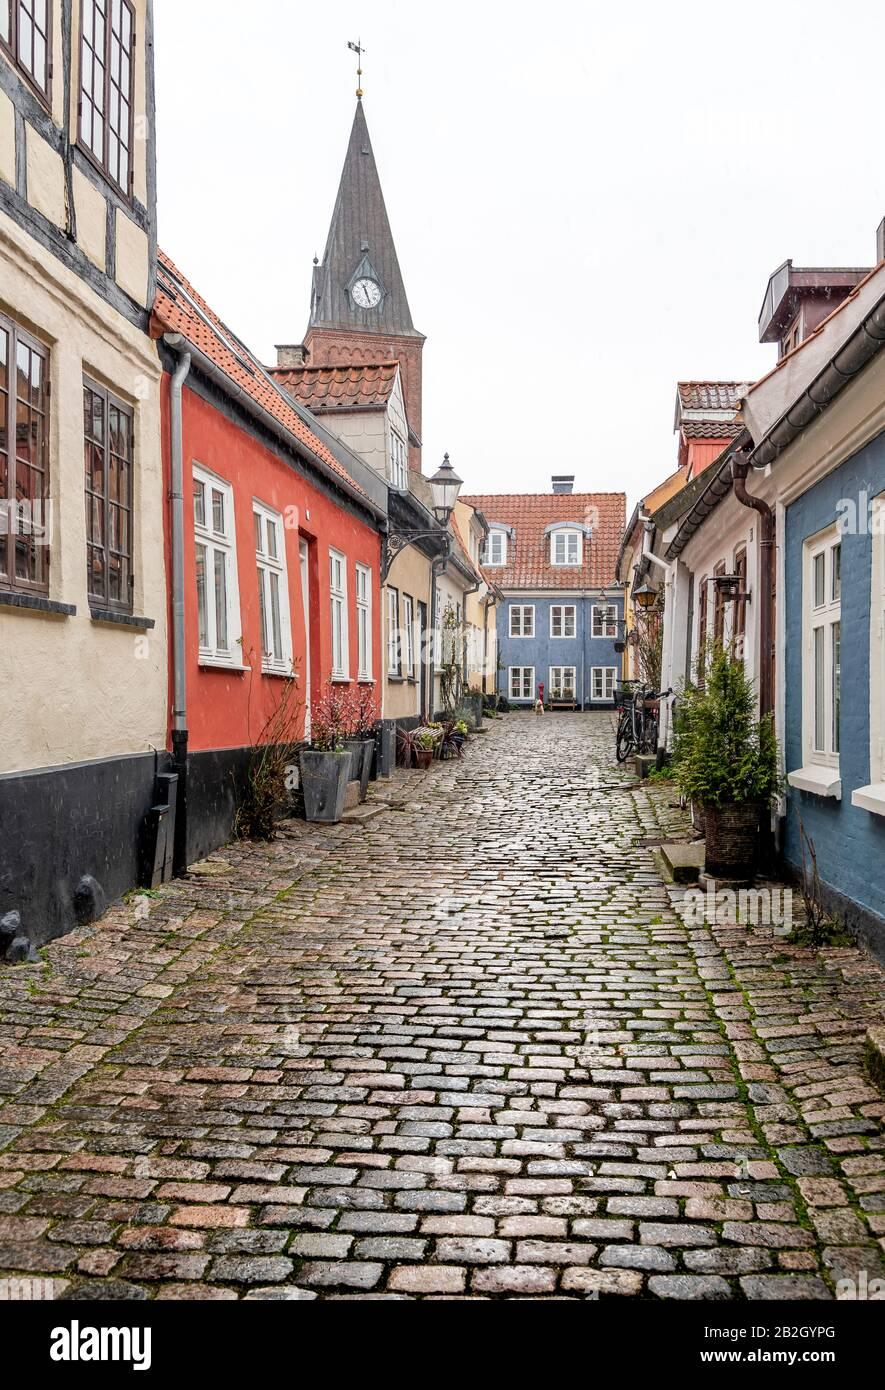 Bonitas y coloridas casas de campo en Aalborg, Dinamarca, en un día nevado de invierno. Foto de stock